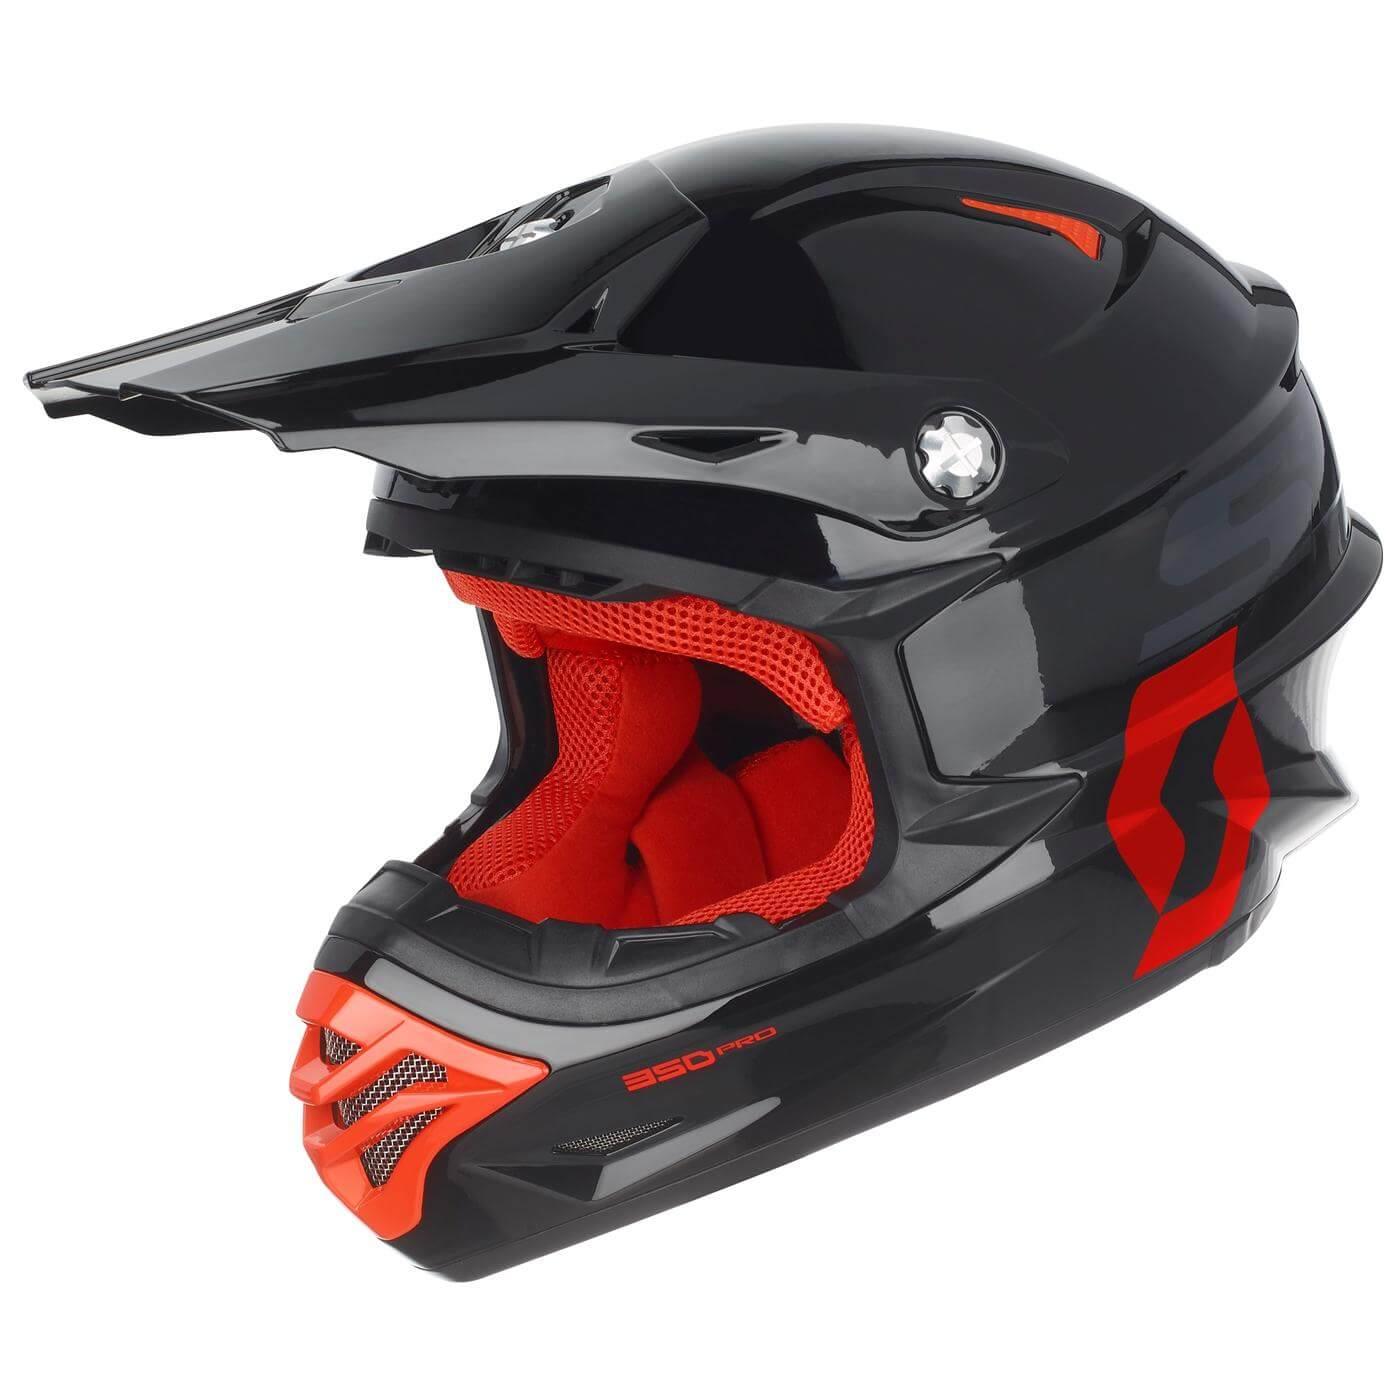 Scott 350 Pro Hjelm - Sort/Orange - S